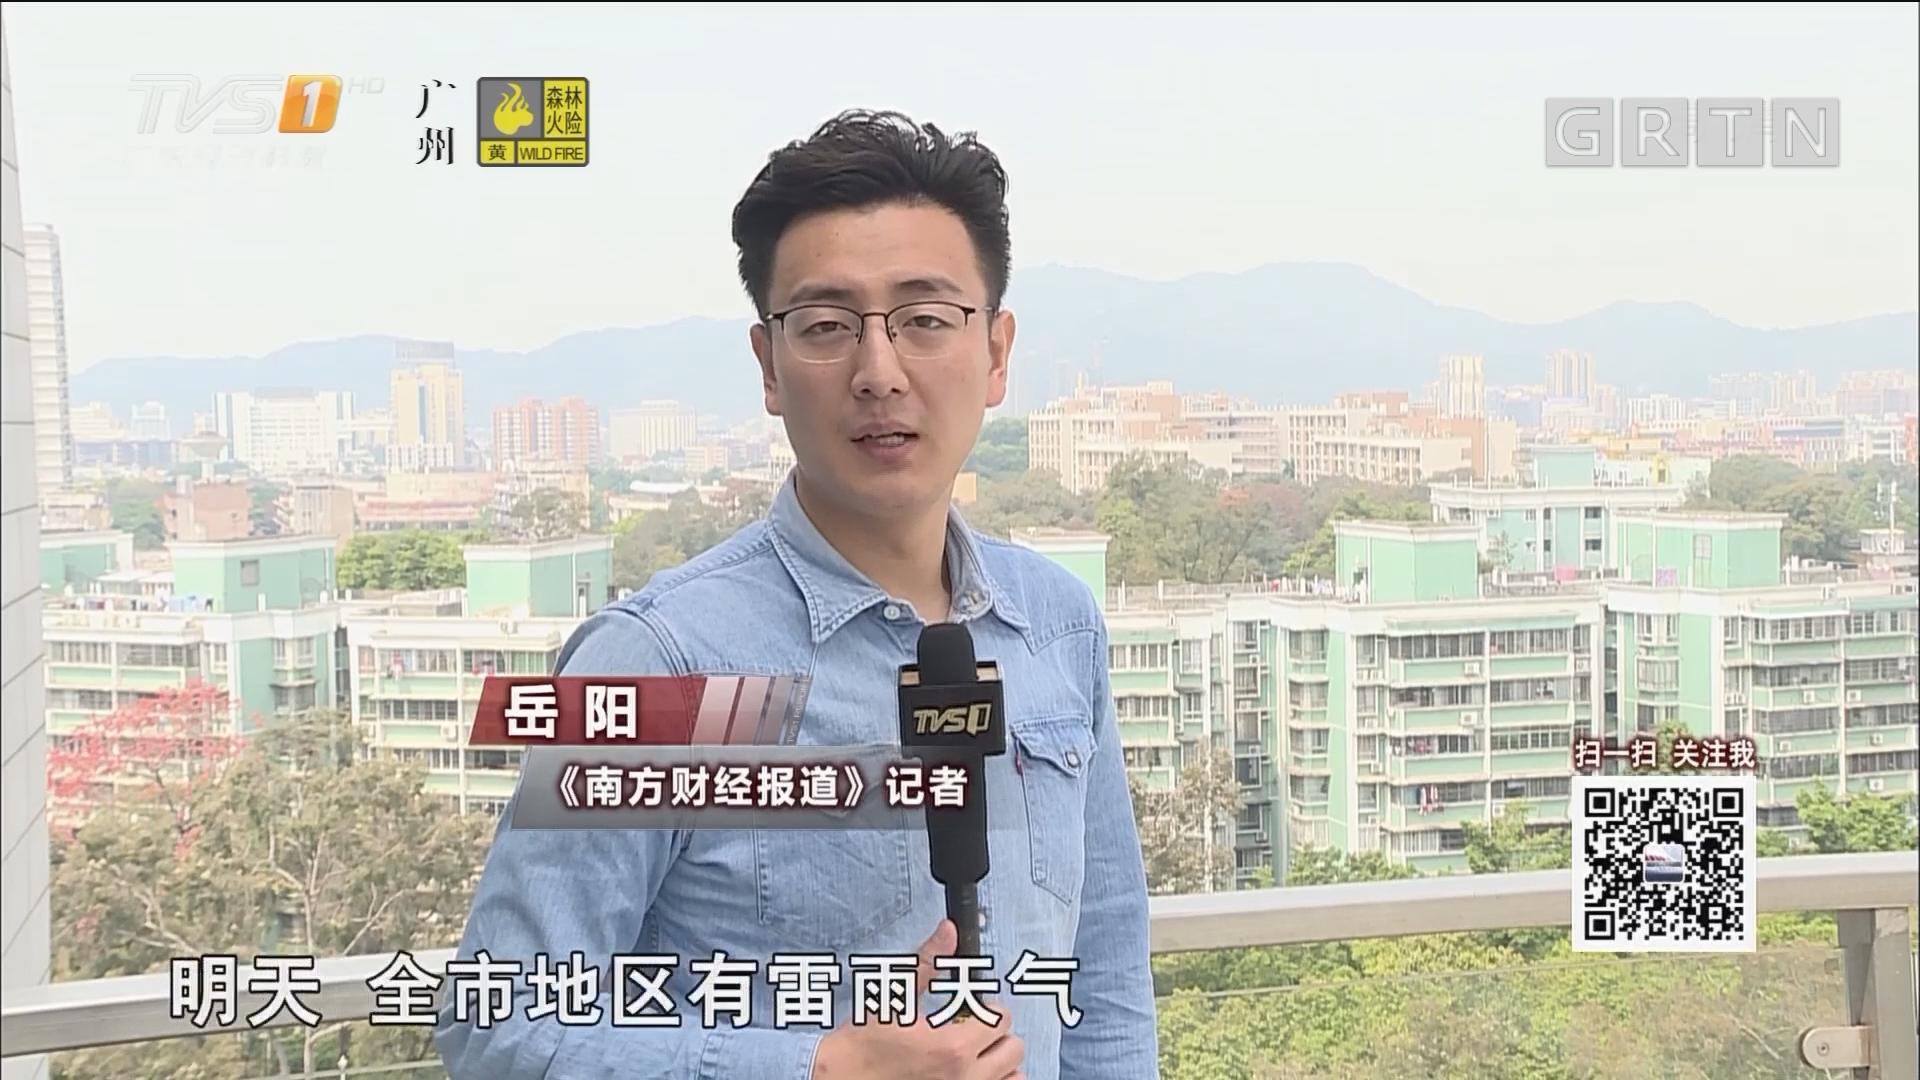 广东:晴转雷阵雨 近期将有强对流天气